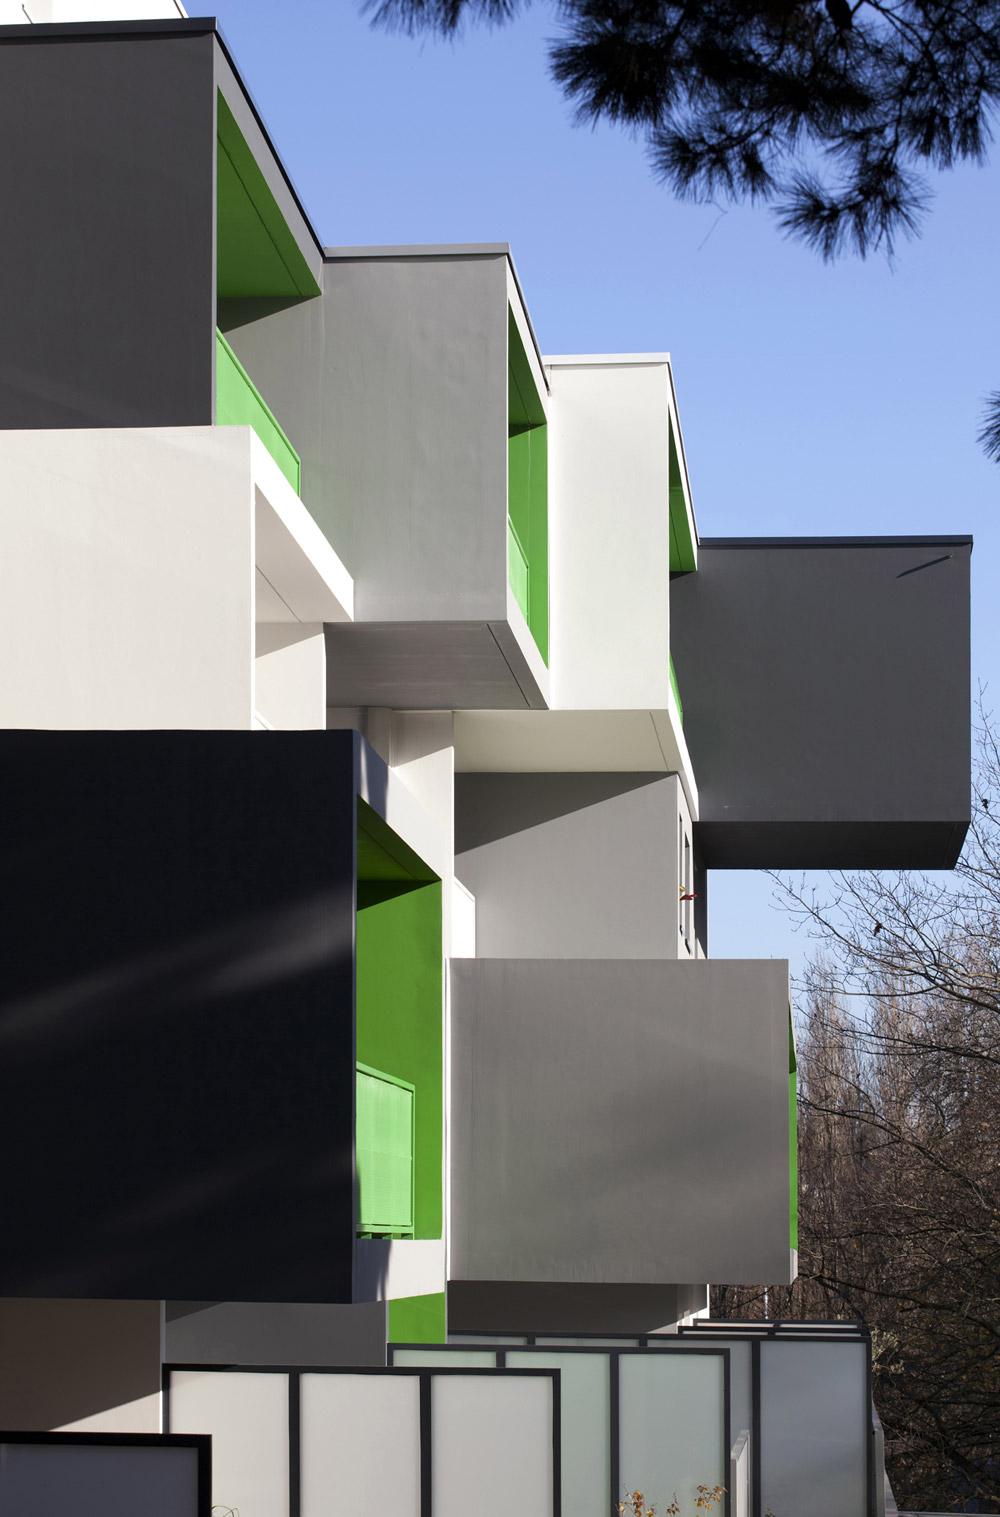 7-jerome-ricolleau-photographe-architecture-lyon-Platfom-nantes-dervalieres